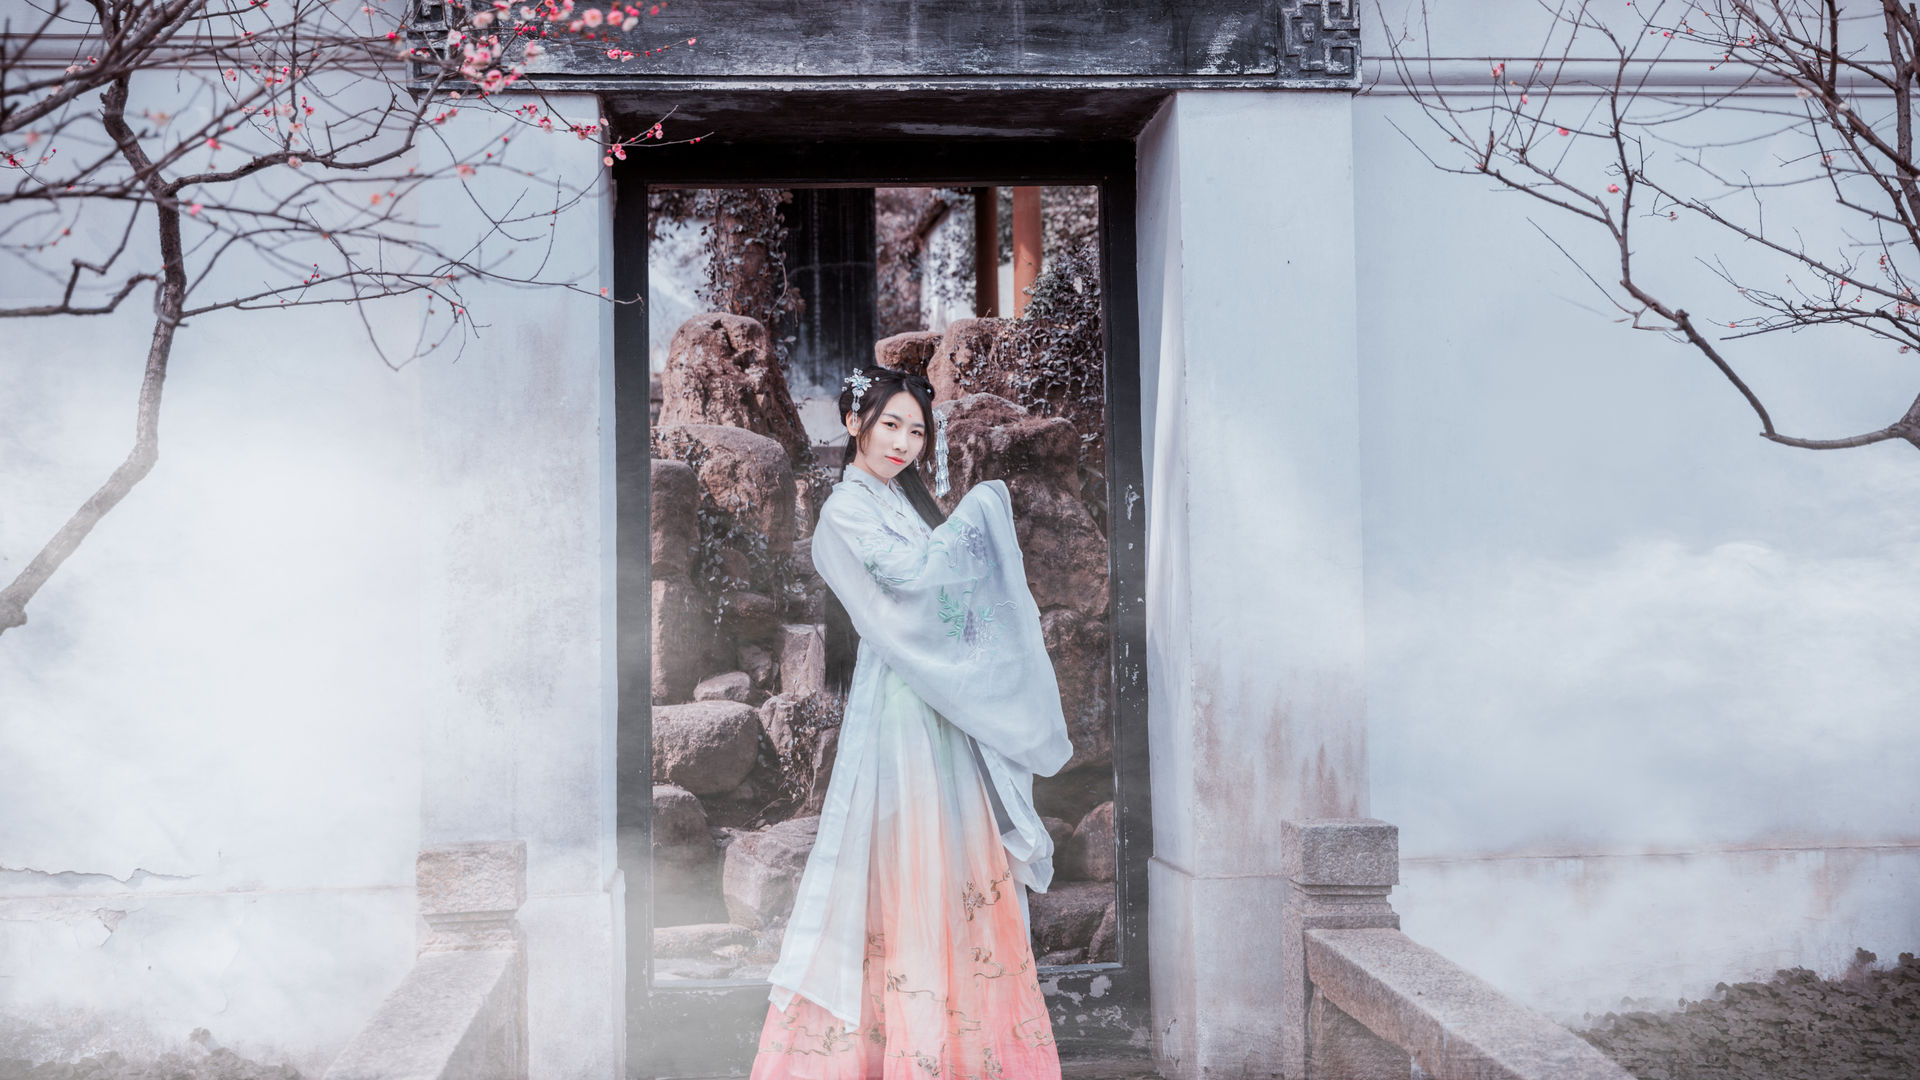 2019-02-17 苏州天平山游玩加拍摄_摄影师八月长安的返片